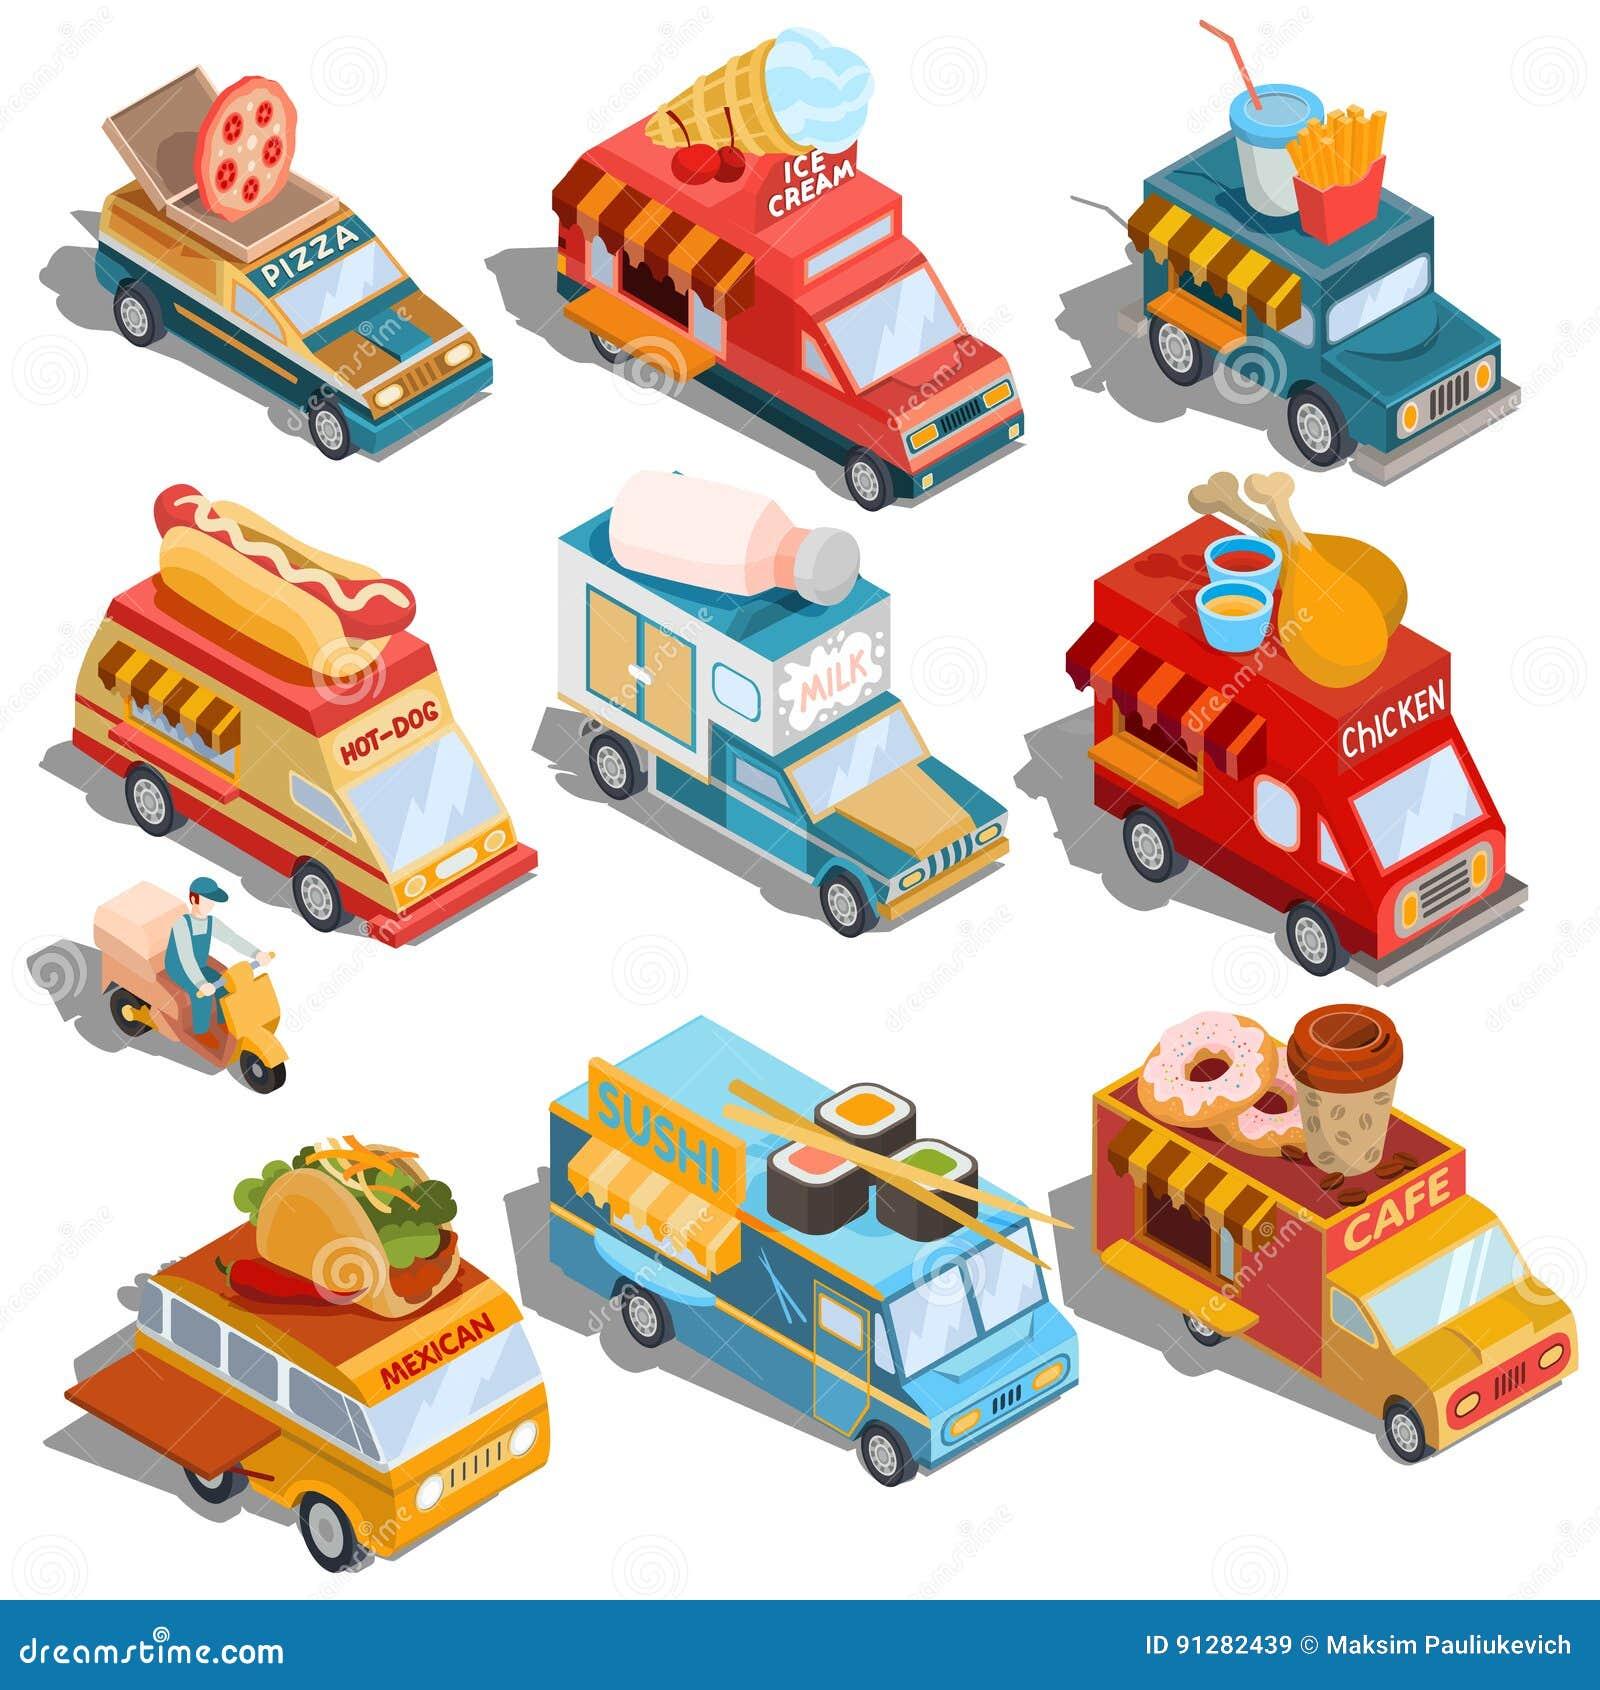 Isometriska illustrationer av bilar fastar leveransen av mat, och mat åker lastbil